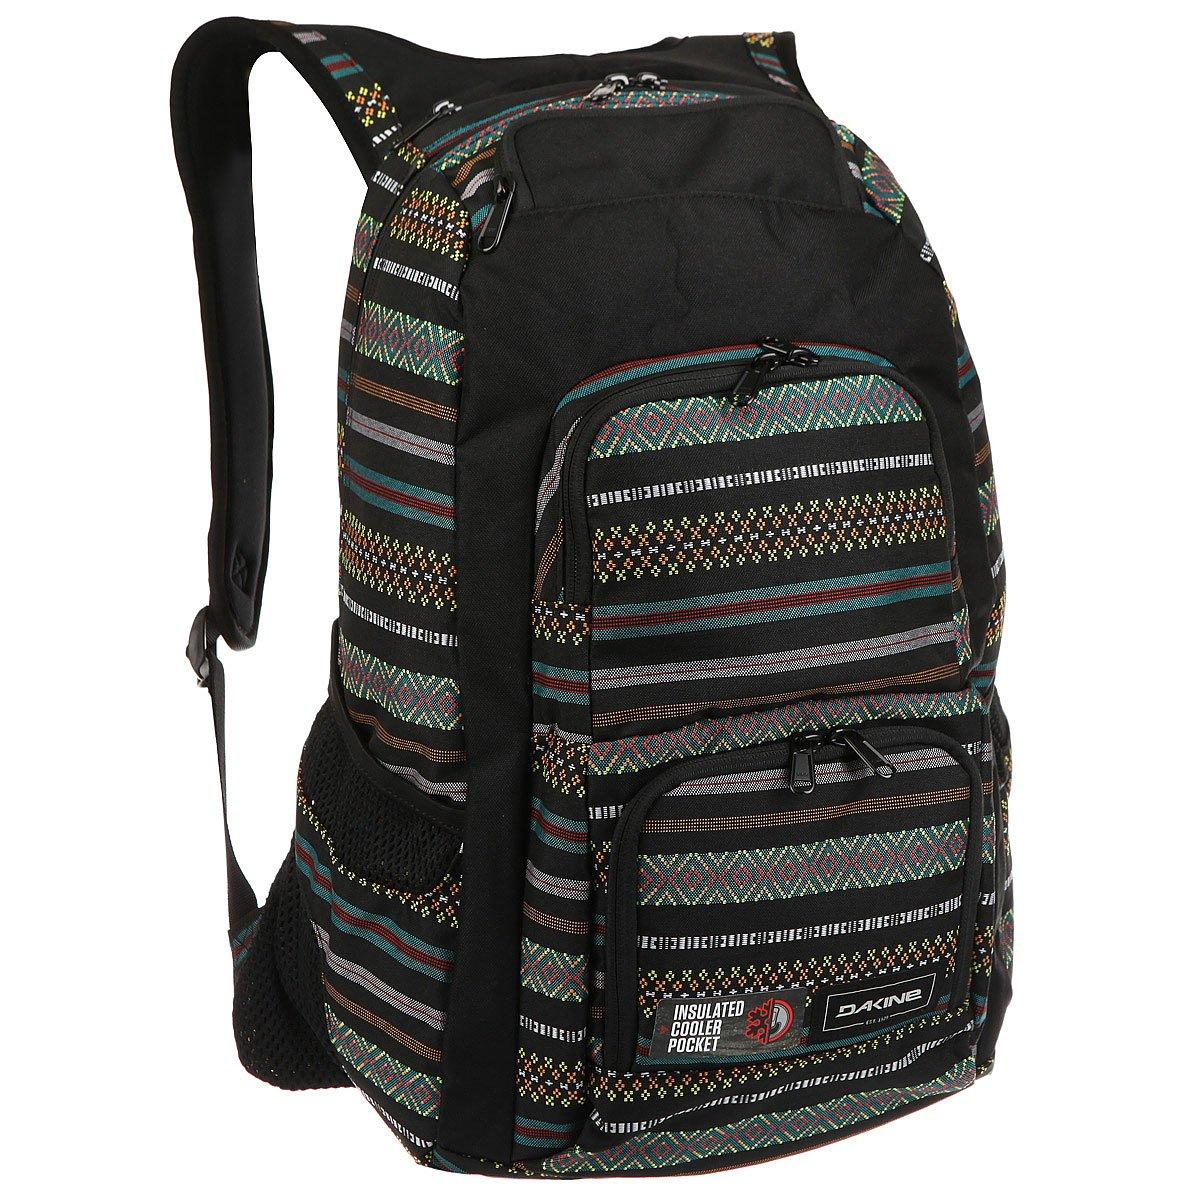 770a01f3f5b3 Купить рюкзак городской женский Dakine Jewel Dakota в интернет-магазине  Proskater.kz